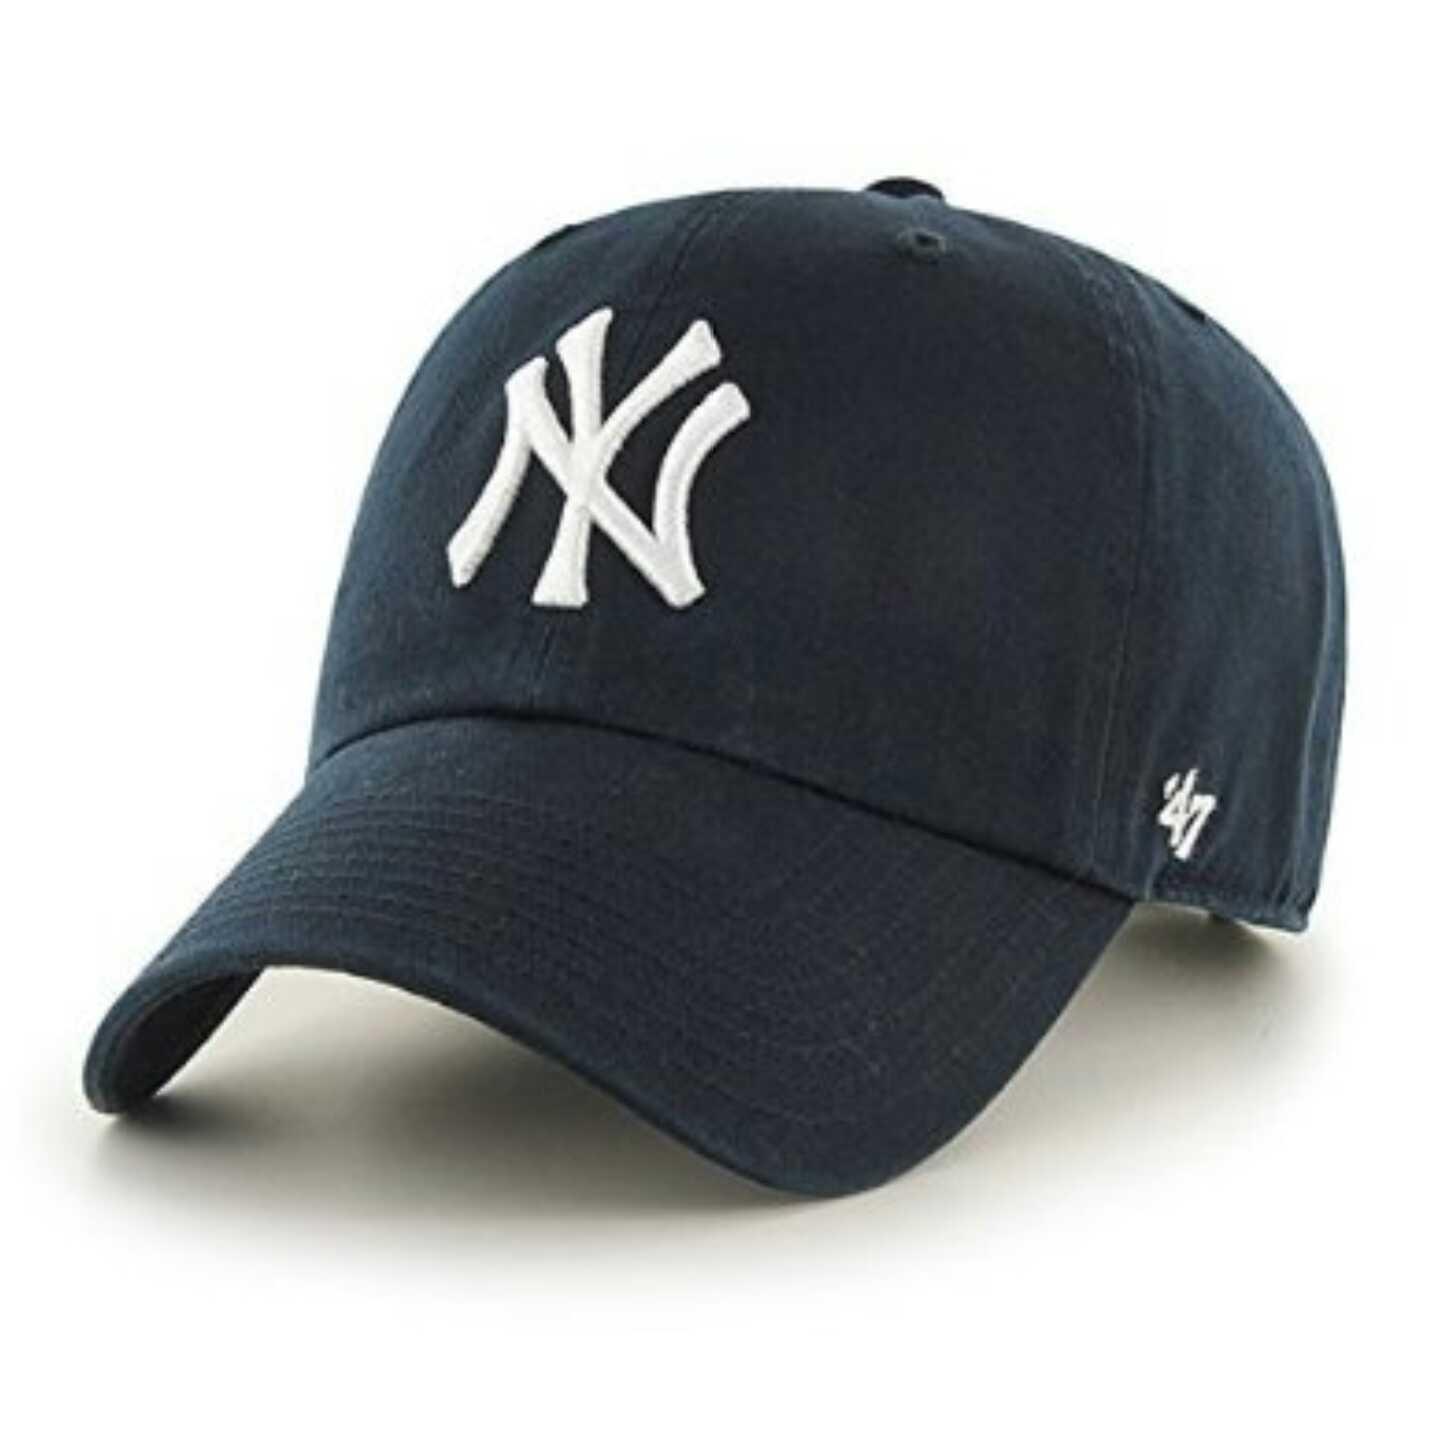 47 brand NY 洋基 全棉 软顶 棒球帽 多色